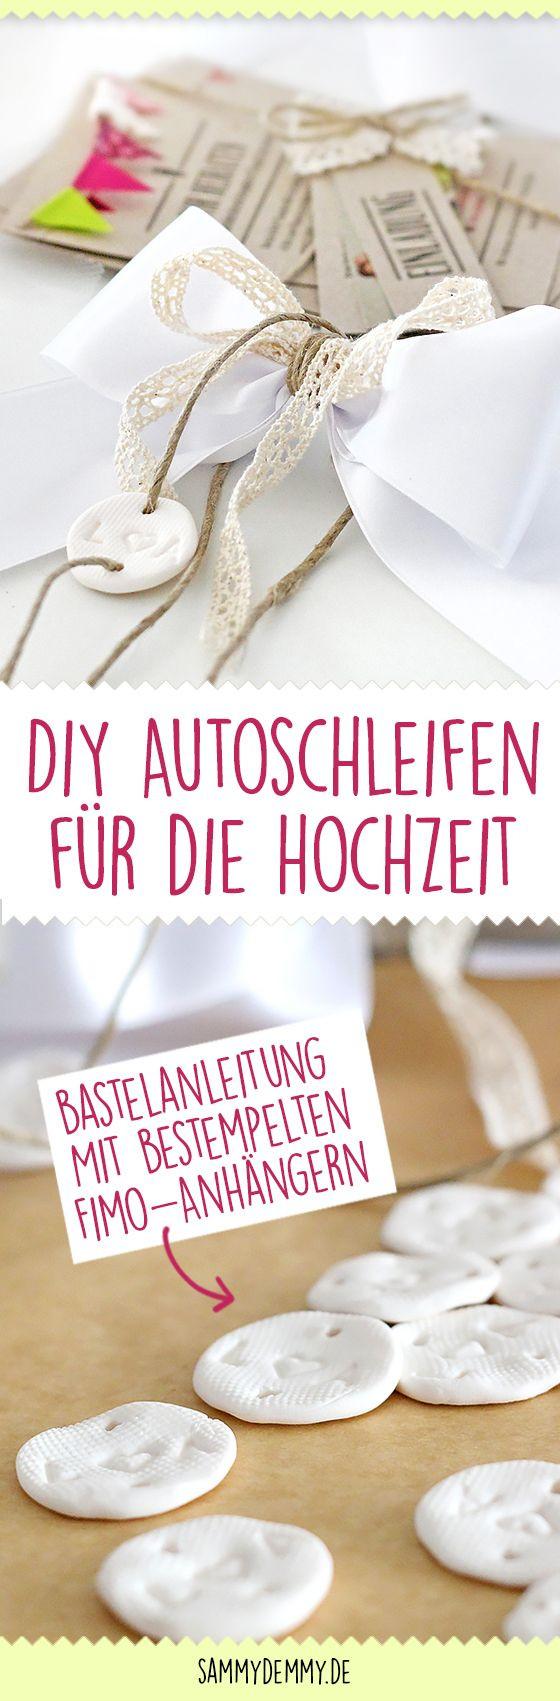 Hochzeit Autoschleifen  Wunderschöne DIY Autoschleifen für Hochzeit Anleitung